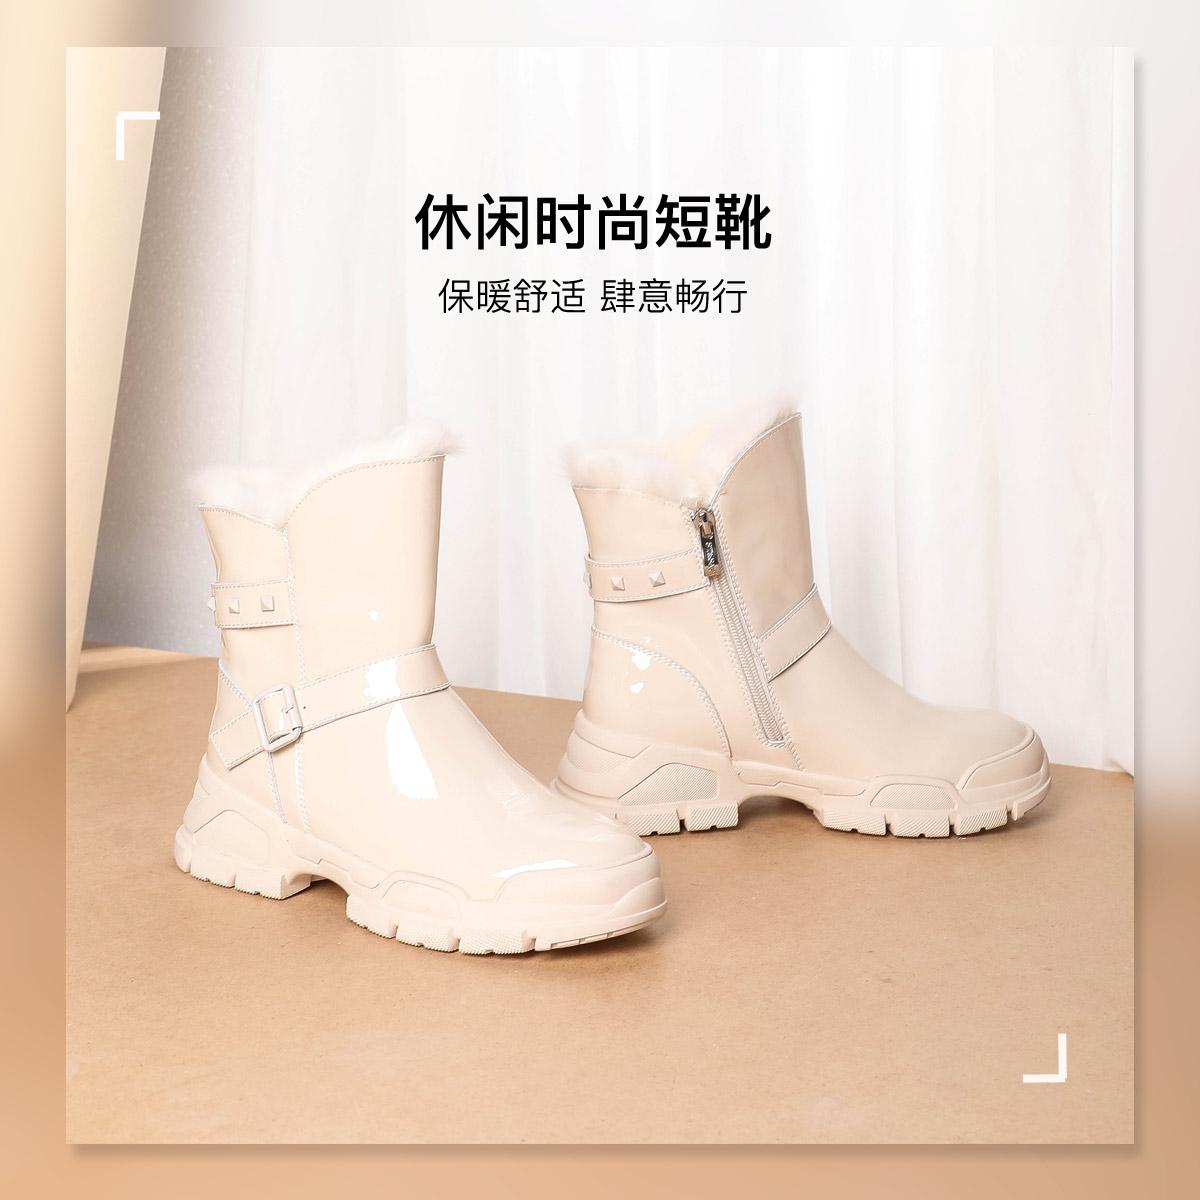 SS0411A425 冬季新皮带扣装饰时装靴毛里短筒女 2020 星期六时尚短靴